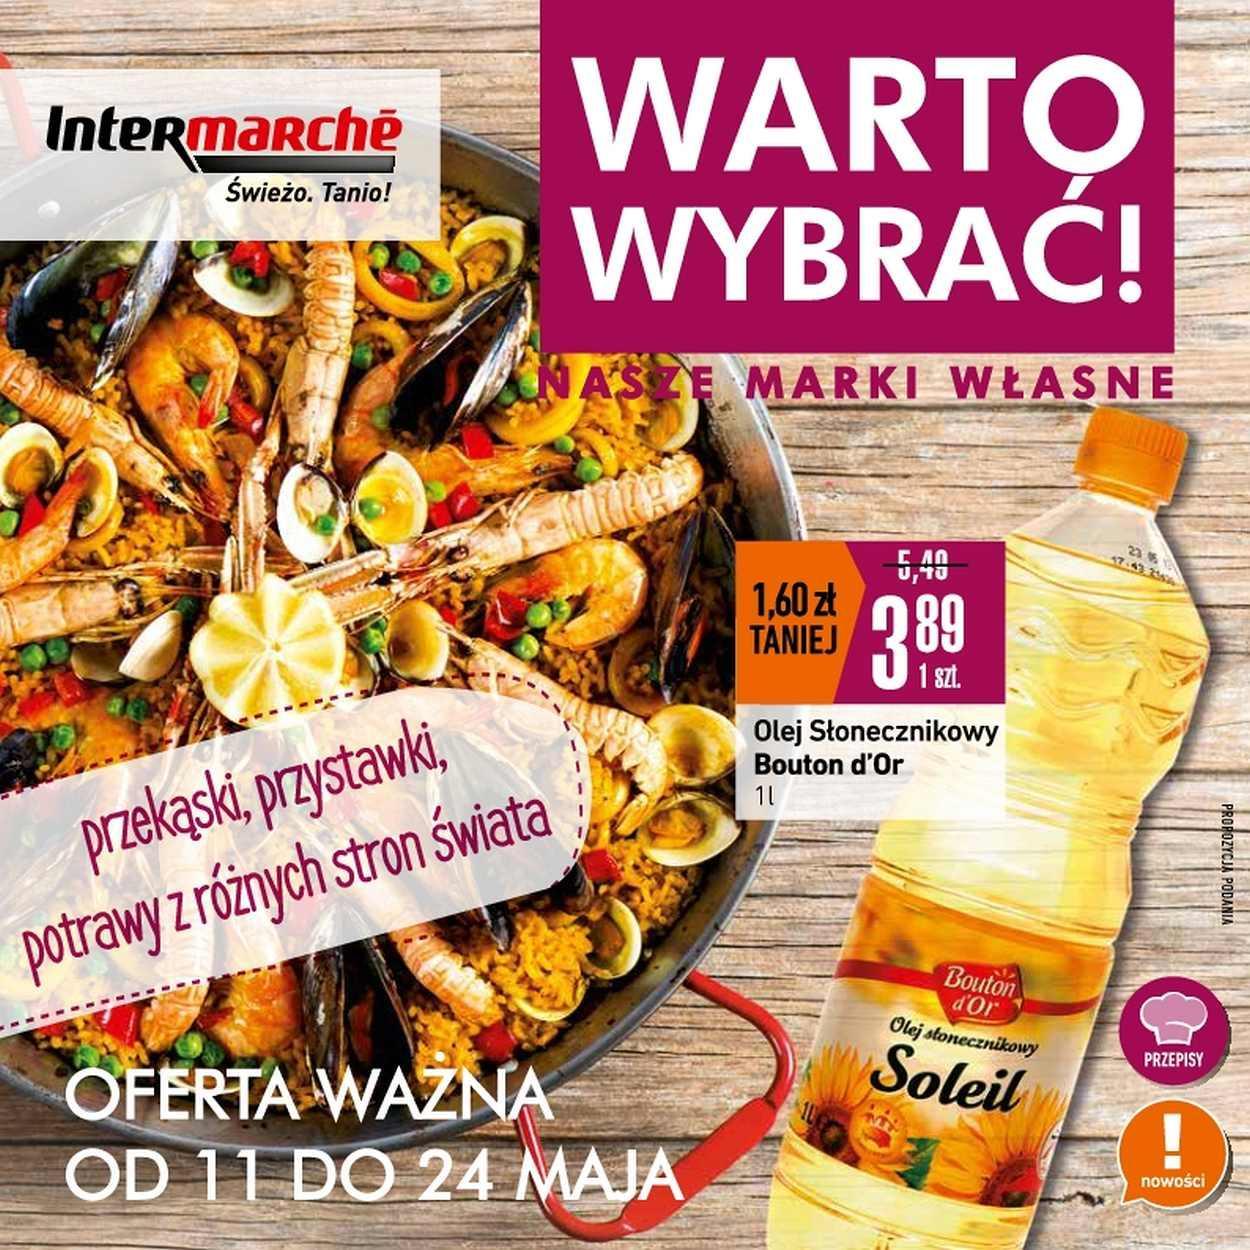 Gazetka promocyjna Intermarche do 24/05/2017 str.0